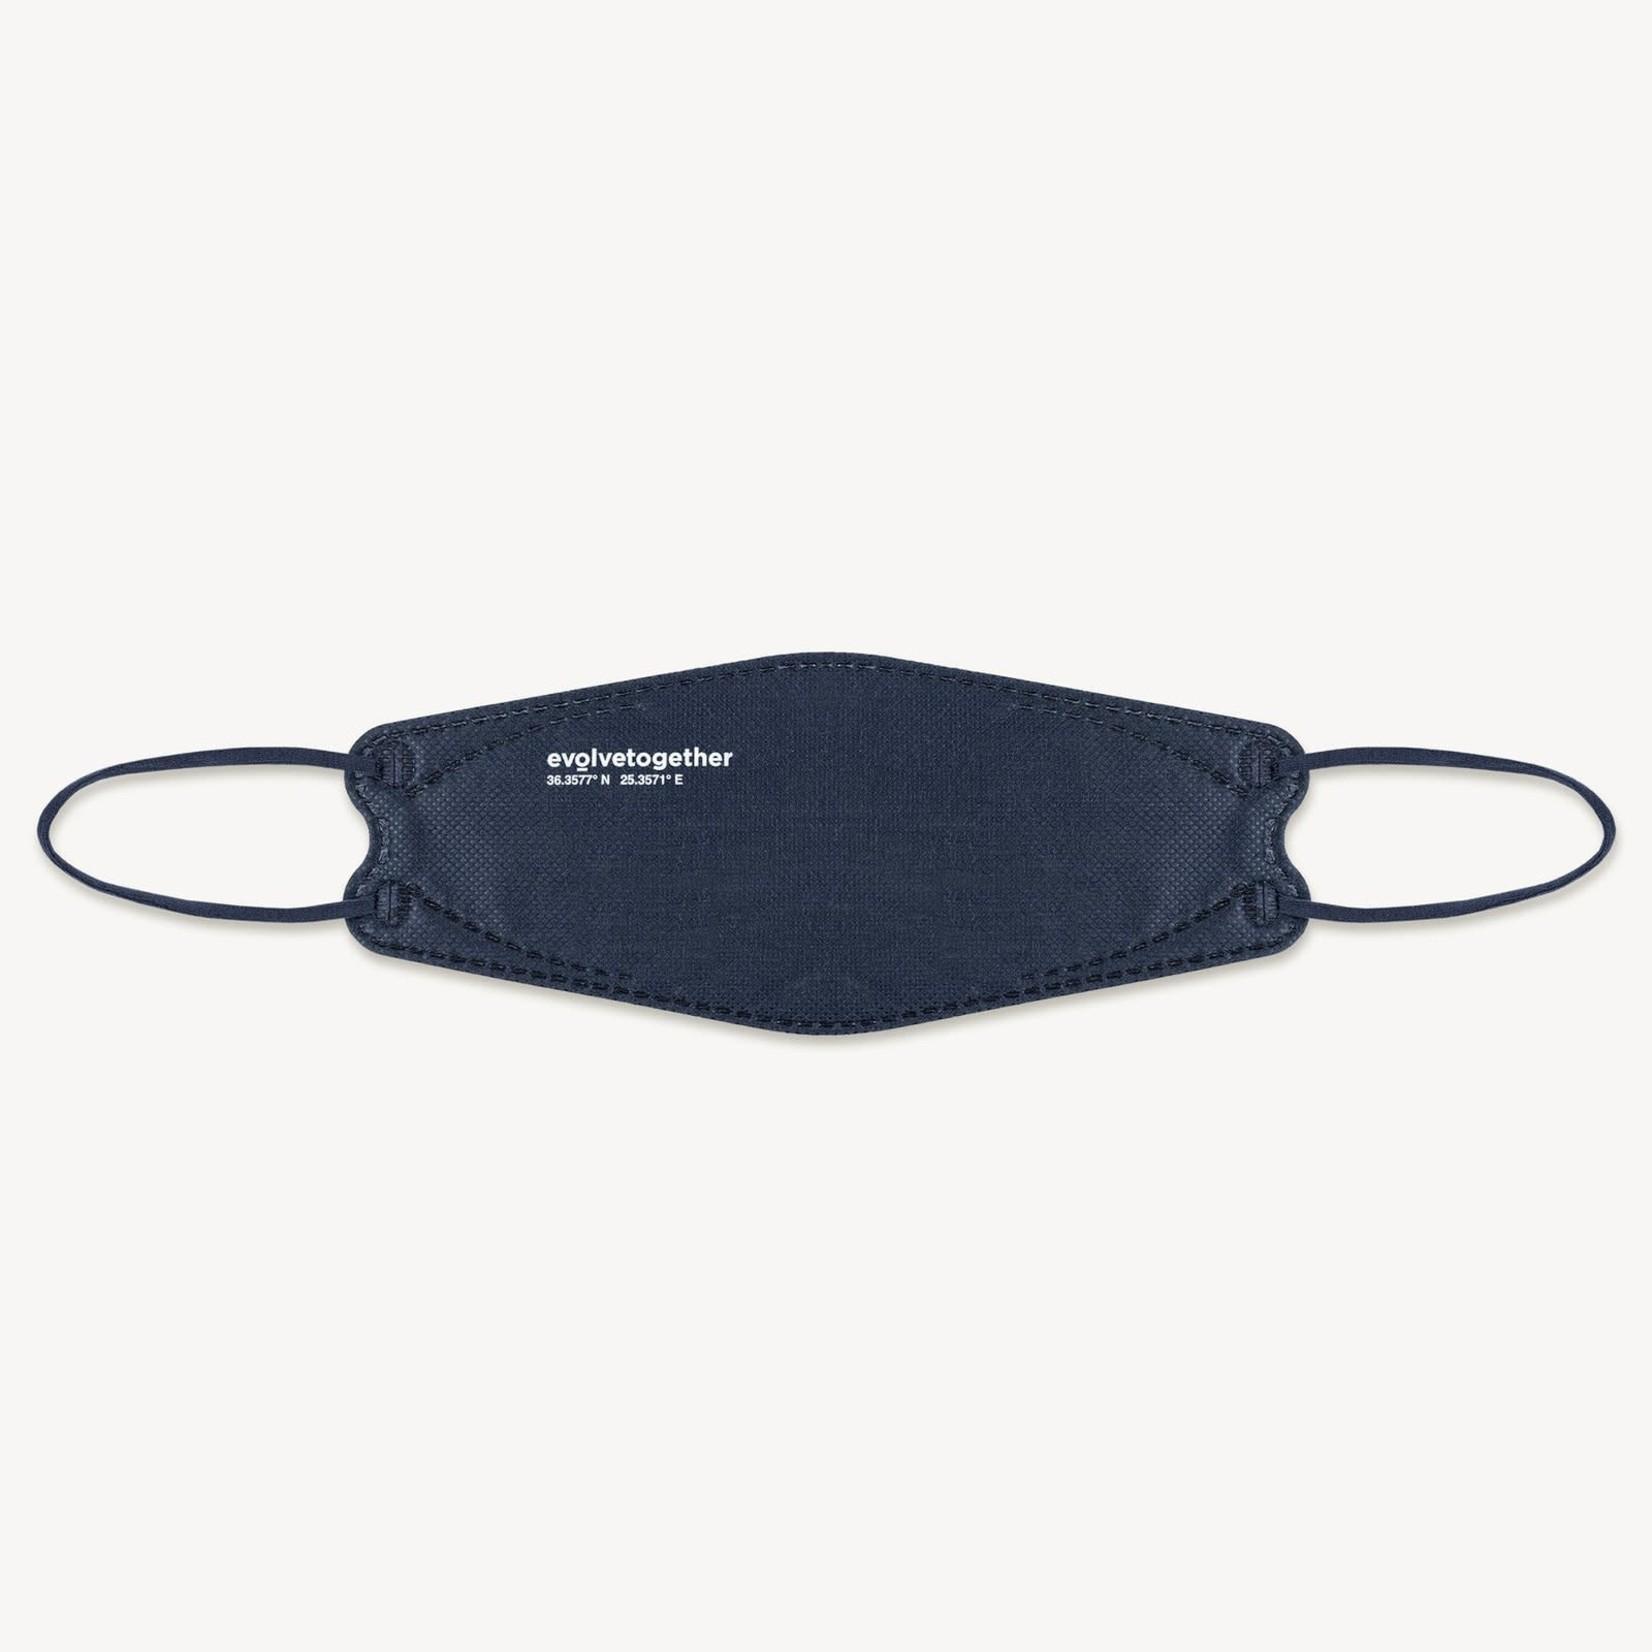 Evolvetogether Evolvetogether santorini - 5 navy KN95 masks